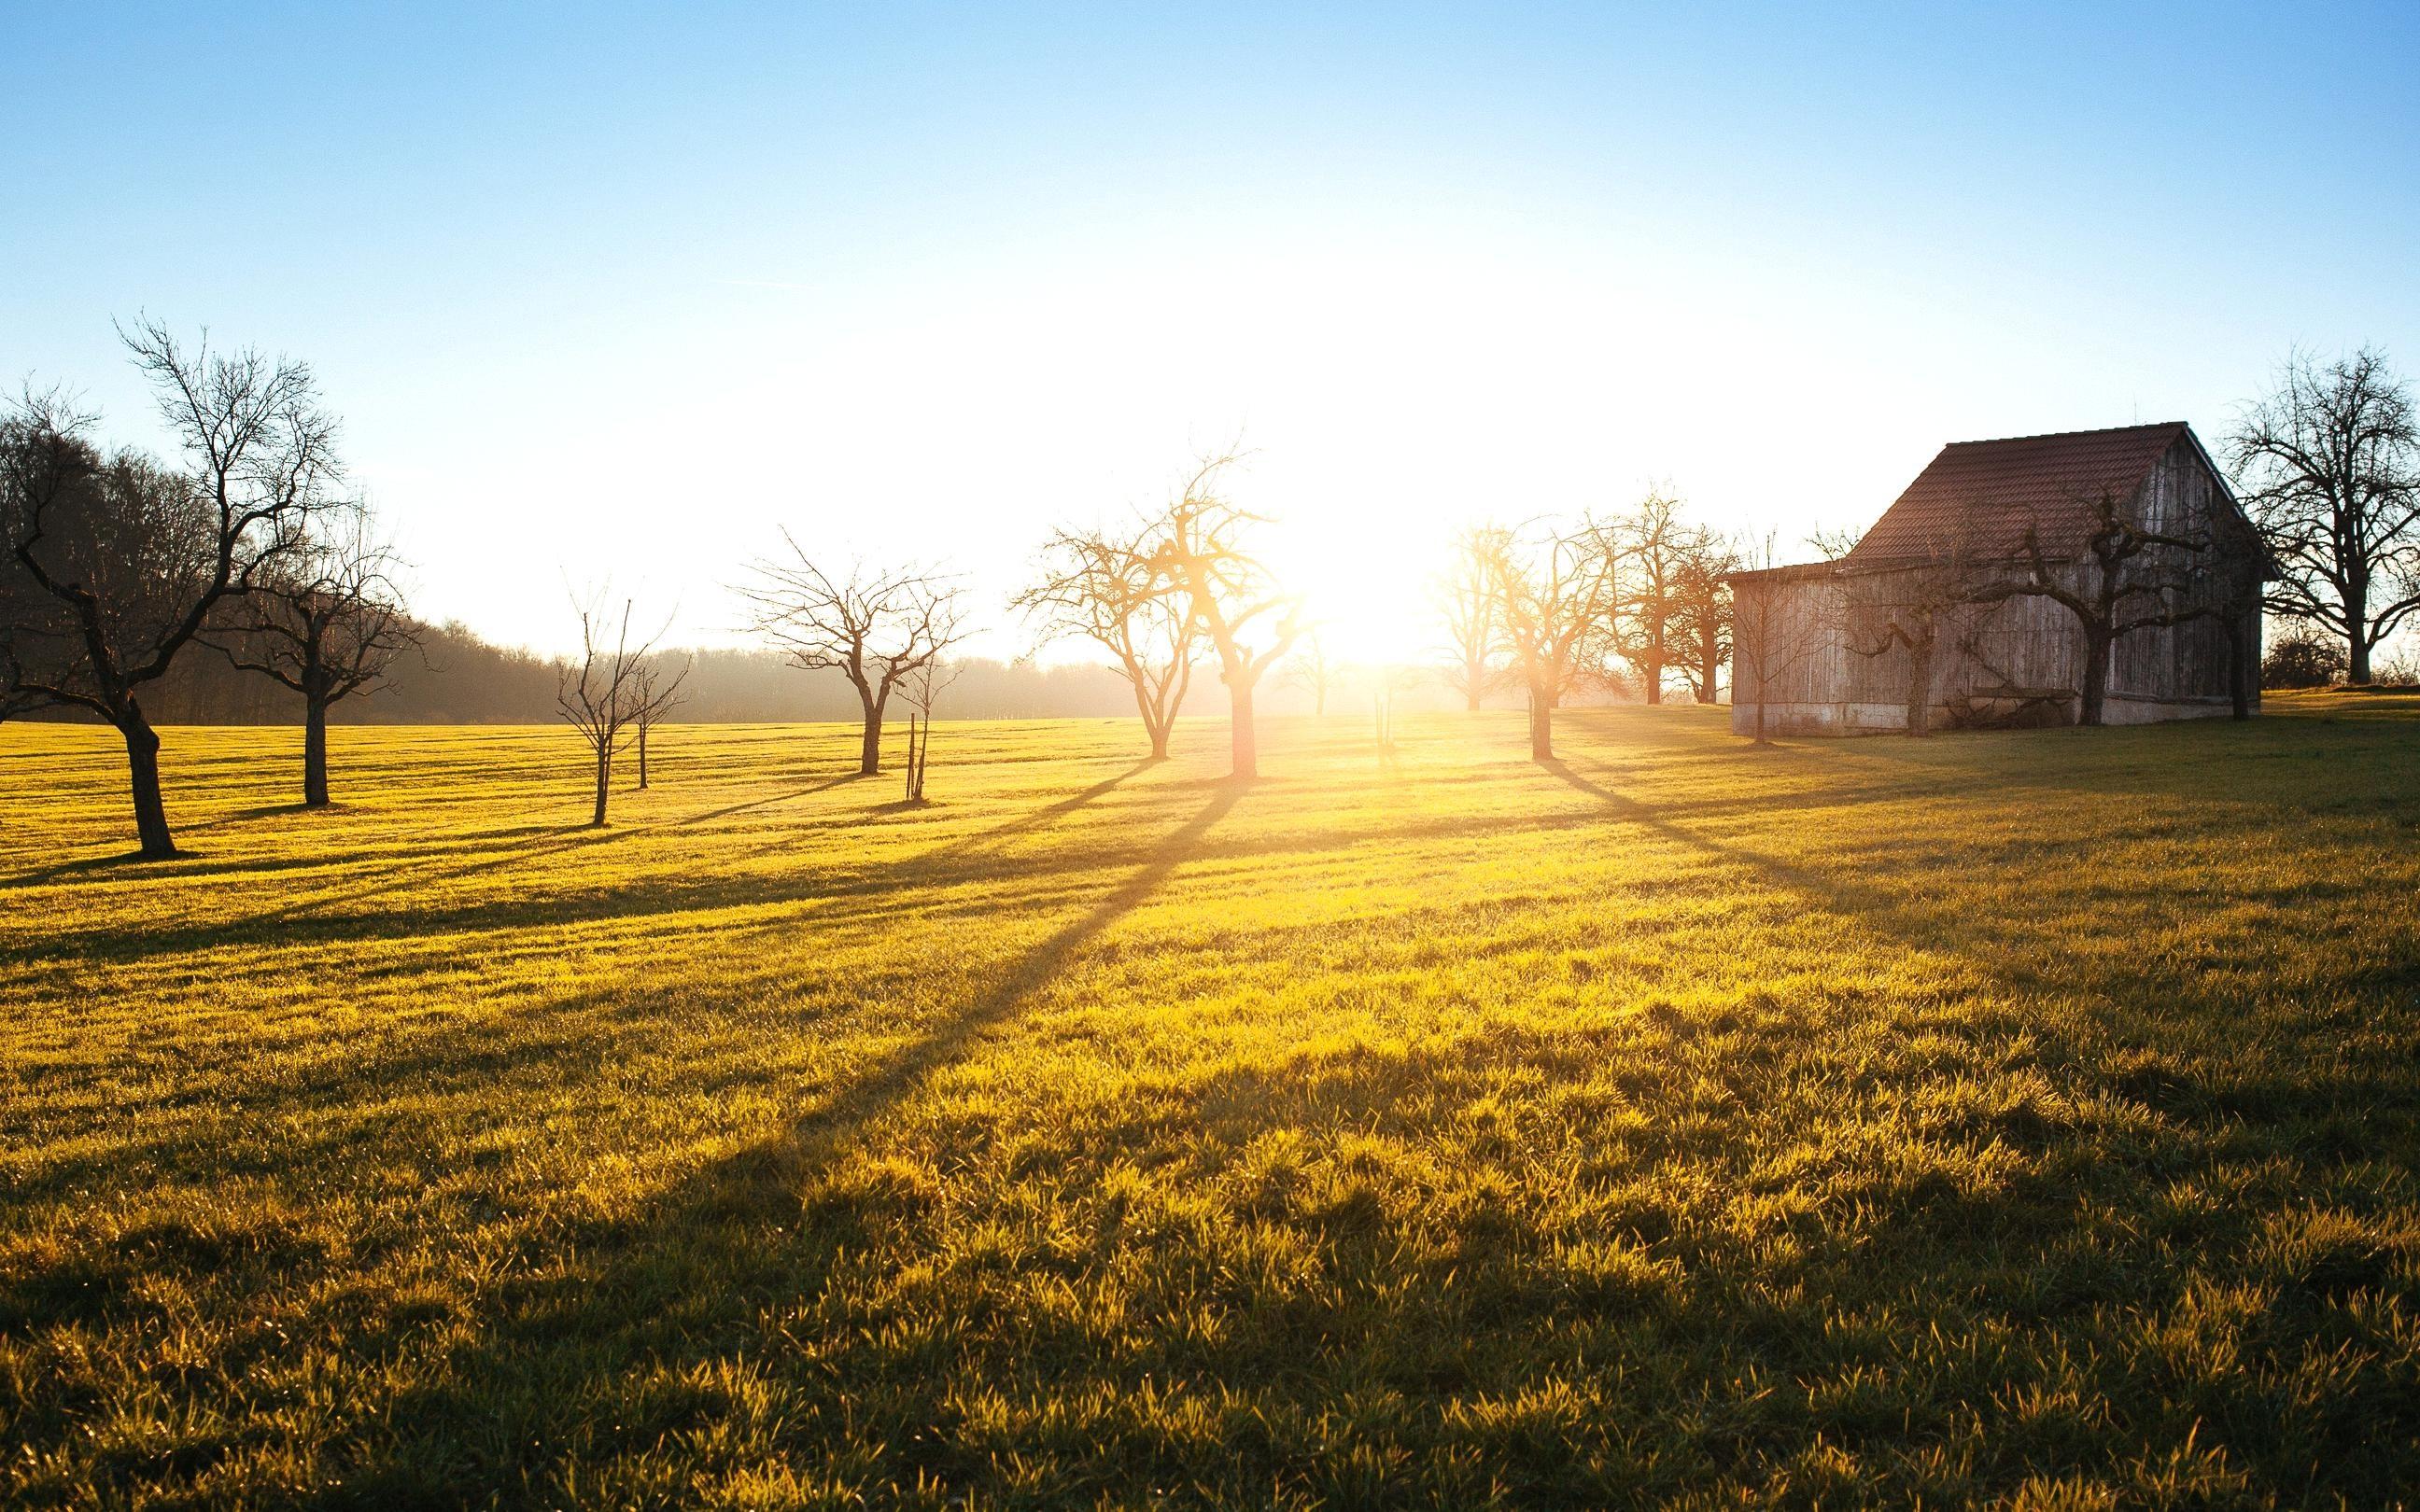 Kostenlose Bild: Landschaft, Feld, ländlich, Bauernhof ...